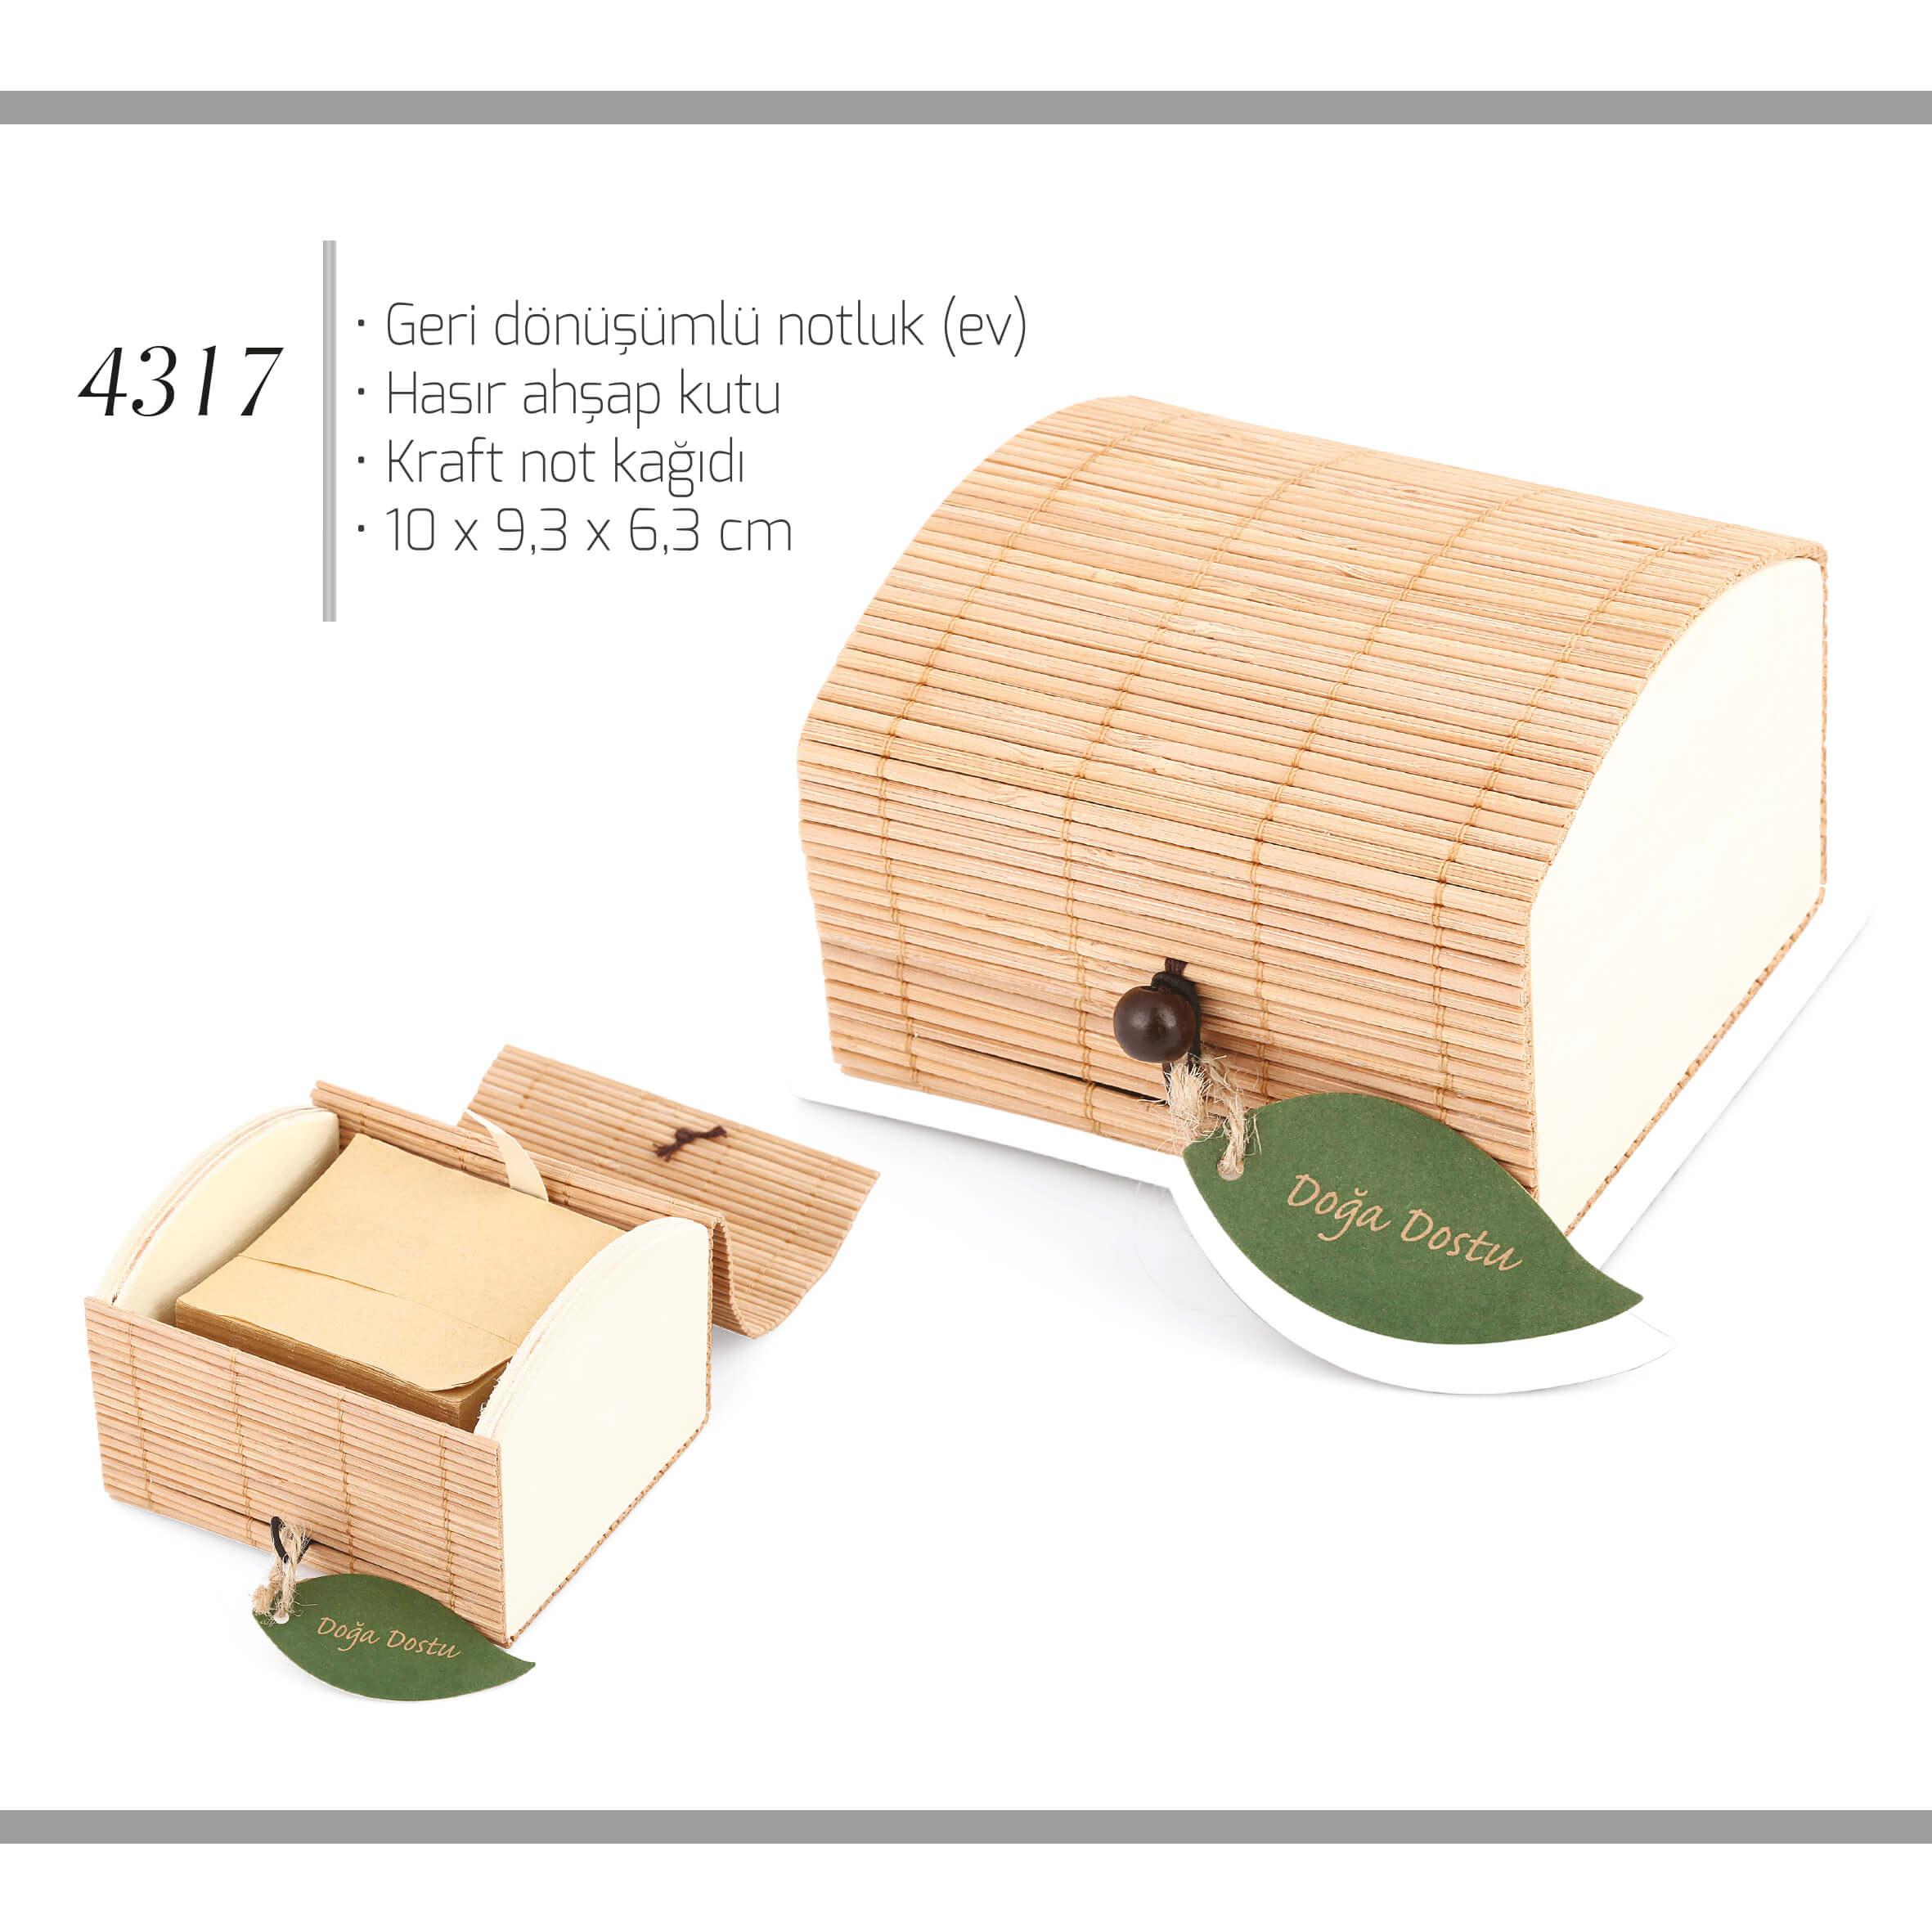 promosyon-promosyon ürünleri-doğa dostu promosyon ürünleri-doğa dostu 4317